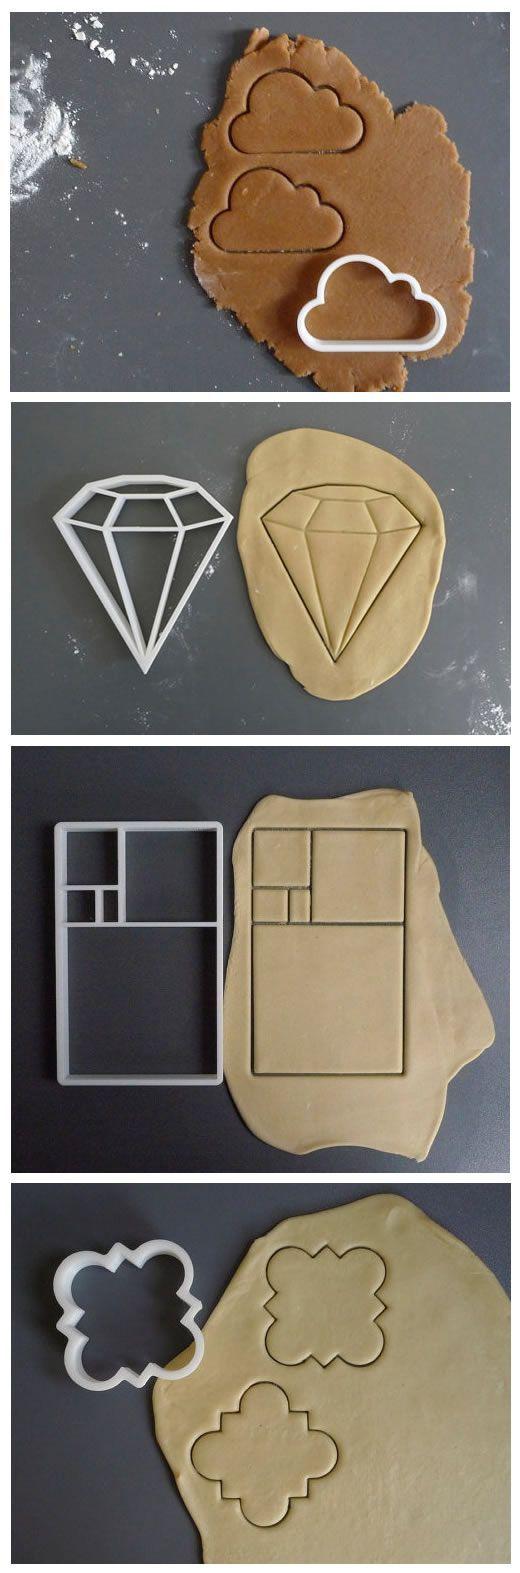 backformen f r kuchen und pl tzen aus dem 3d drucker eigene formen kreativ entwickeln. Black Bedroom Furniture Sets. Home Design Ideas